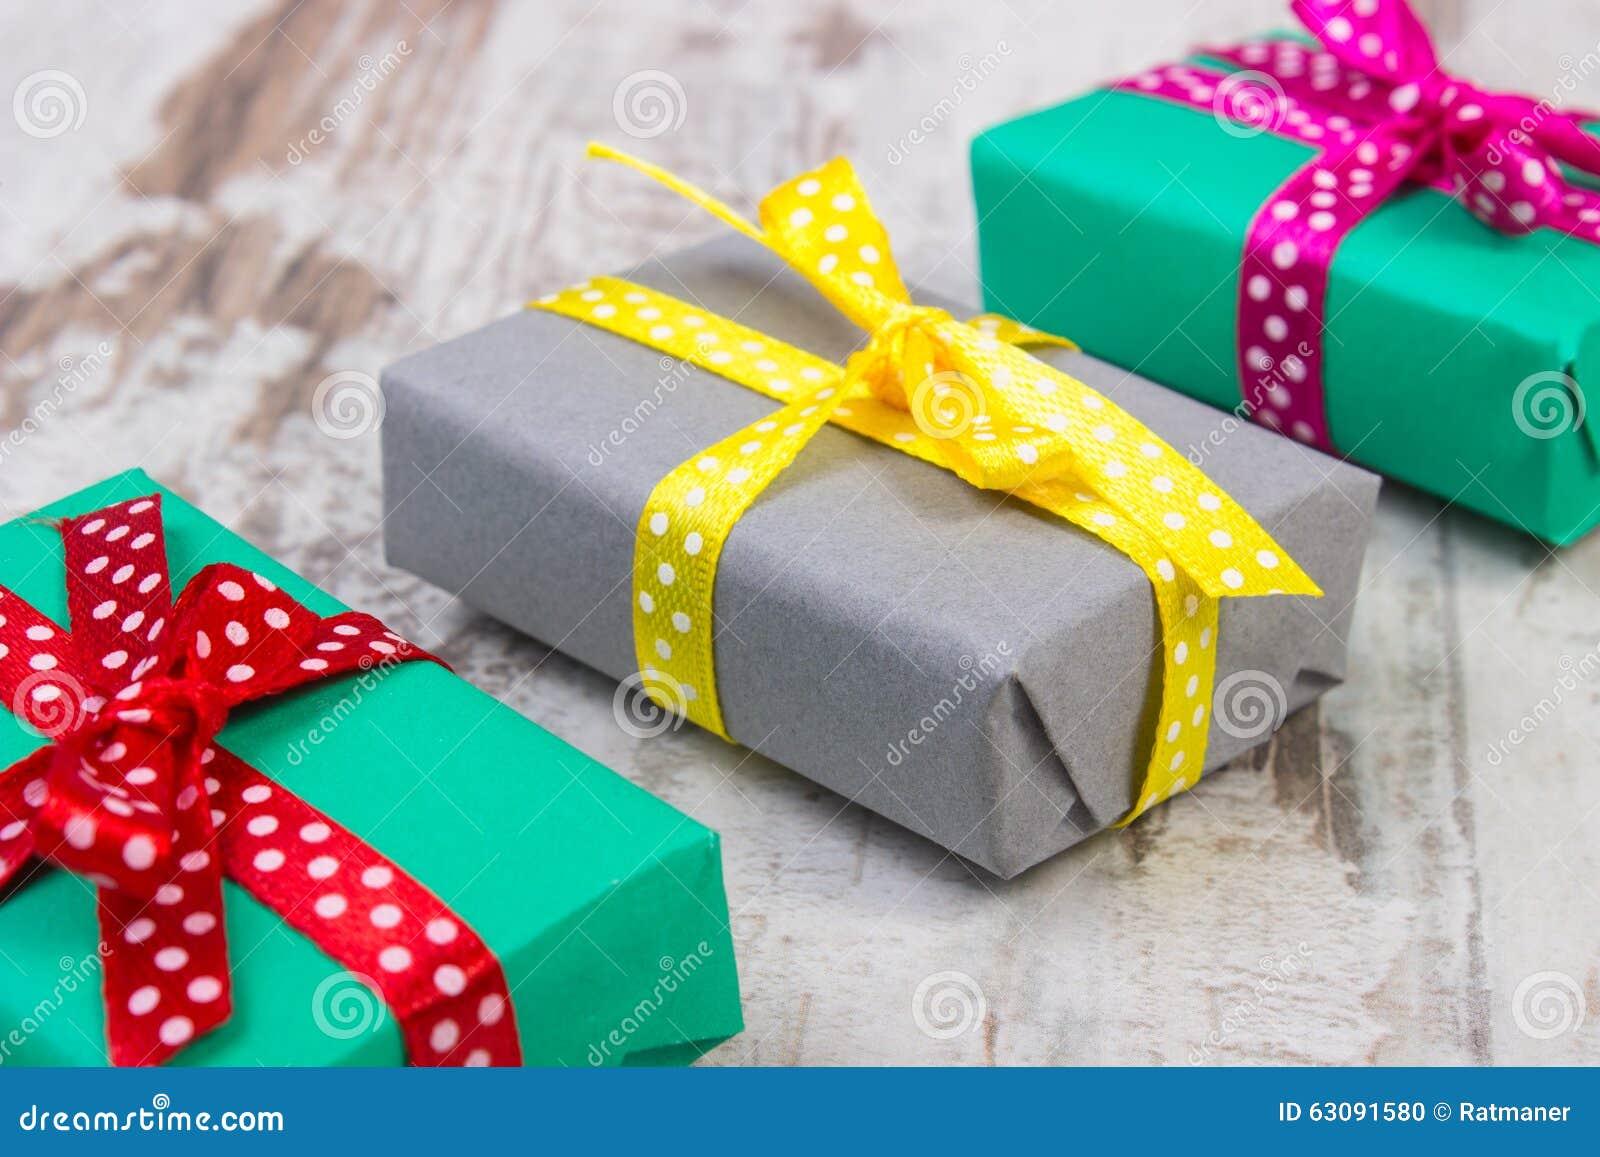 Download Cadeaux Colorés Enveloppés Pour Noël Ou Toute Autre Célébration Sur La Vieille Planche Blanche Photo stock - Image du multicolore, décoratif: 63091580